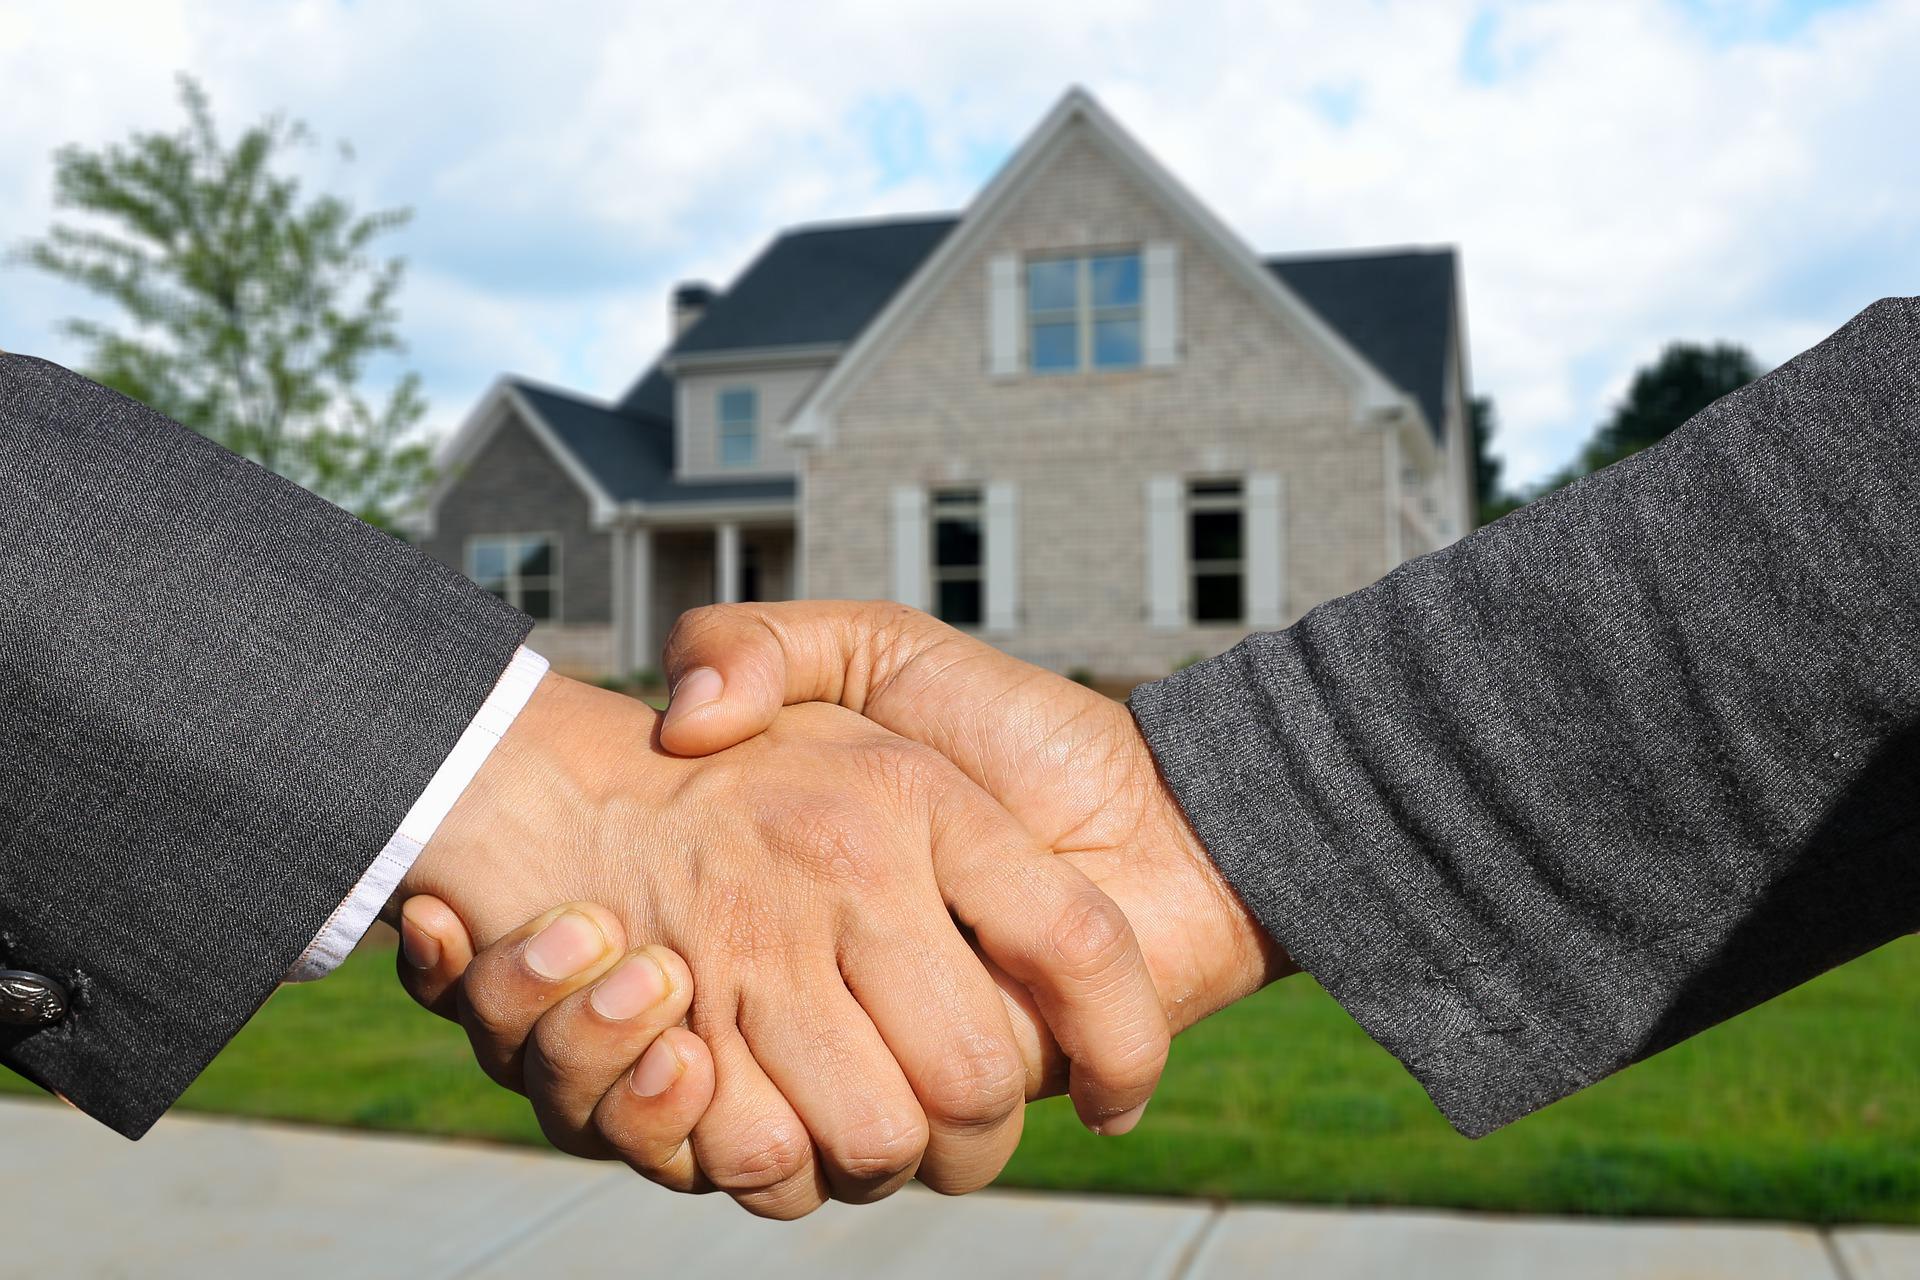 なぜ米国不動産と法人税繰延の相性は抜群に良いのか。 イメージ画像